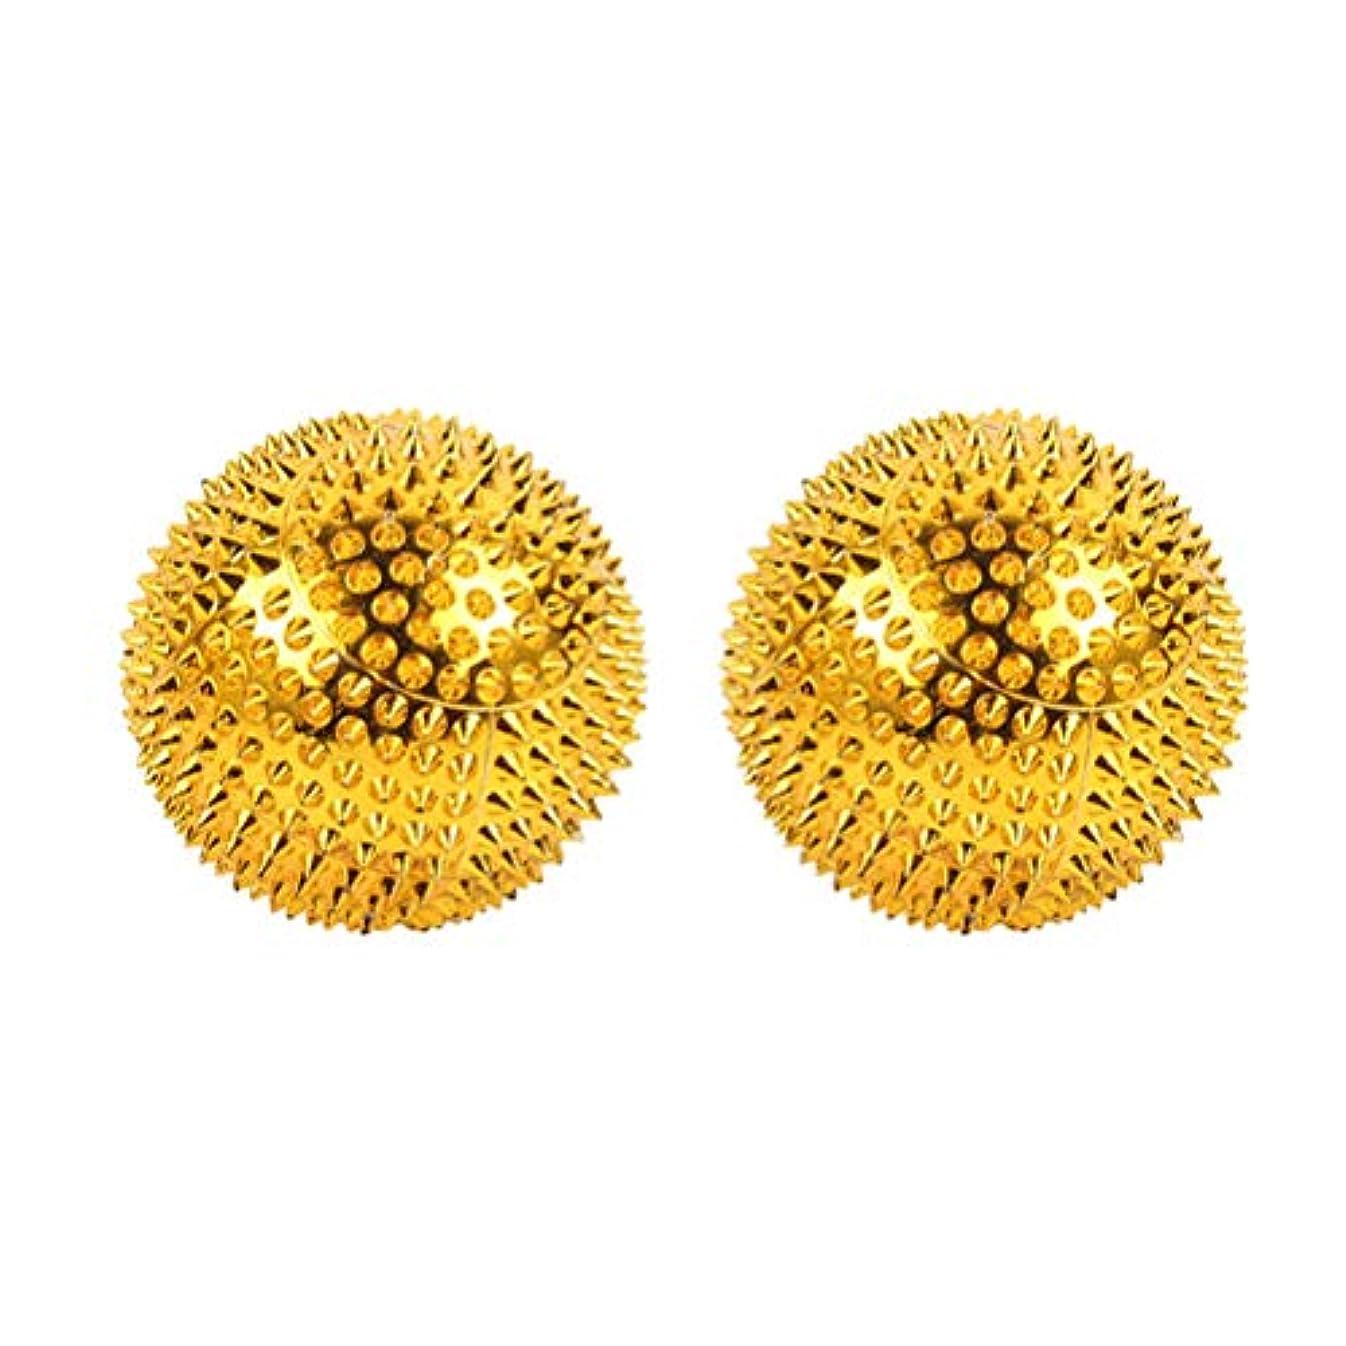 テメリティプロトタイプリーチHEALIFTY 磁気マッサージボール先端のとがった鍼灸ボール指圧マッサージ2本(ゴールデン)